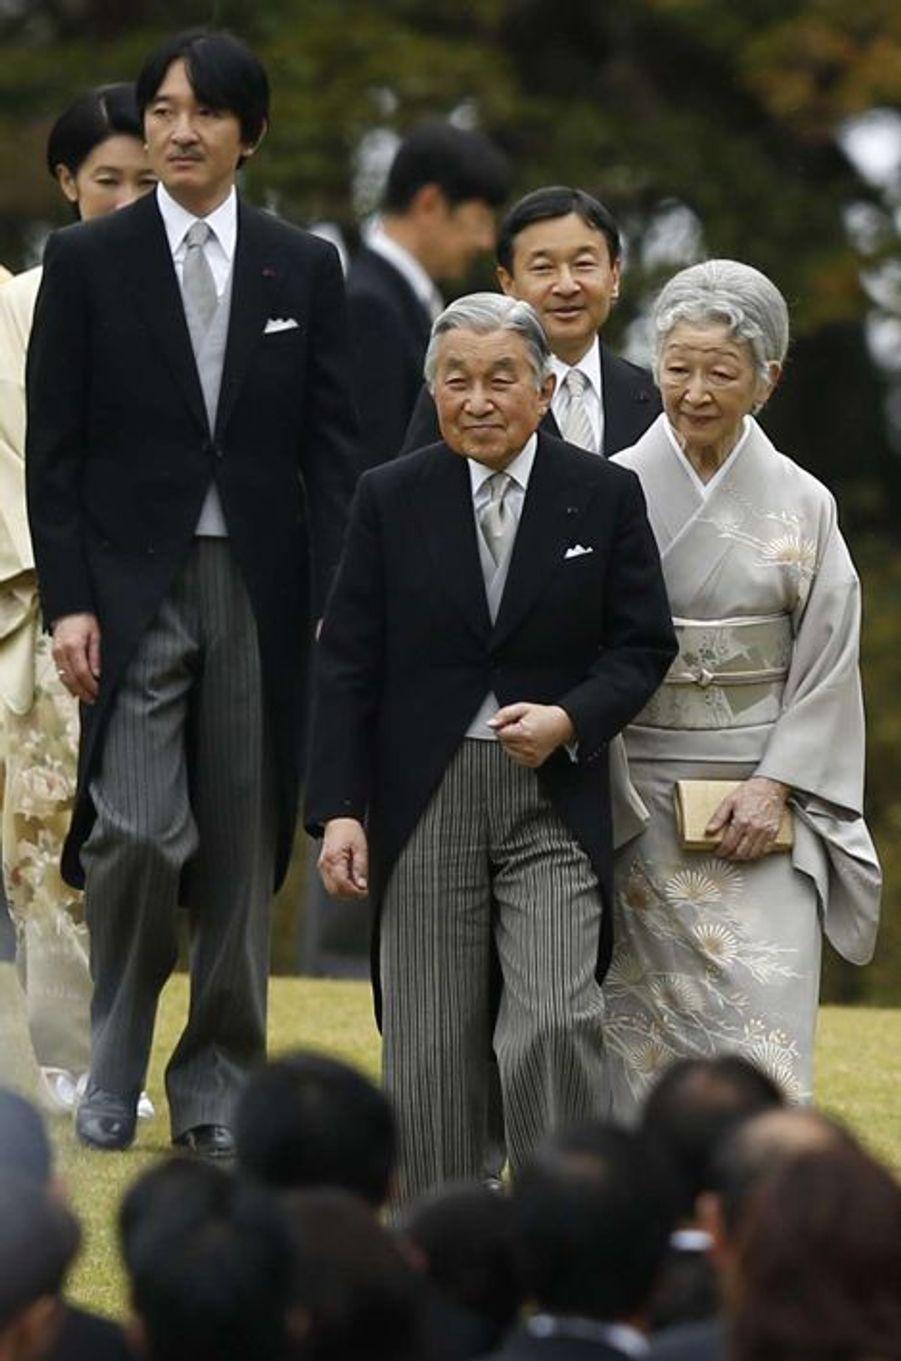 L'empereur Akihito du Japon et l'impératrice Michiko à la garden-party d'automne dans le Jardin impérial d'Akasaka à Tokyo, le 6 novembr...